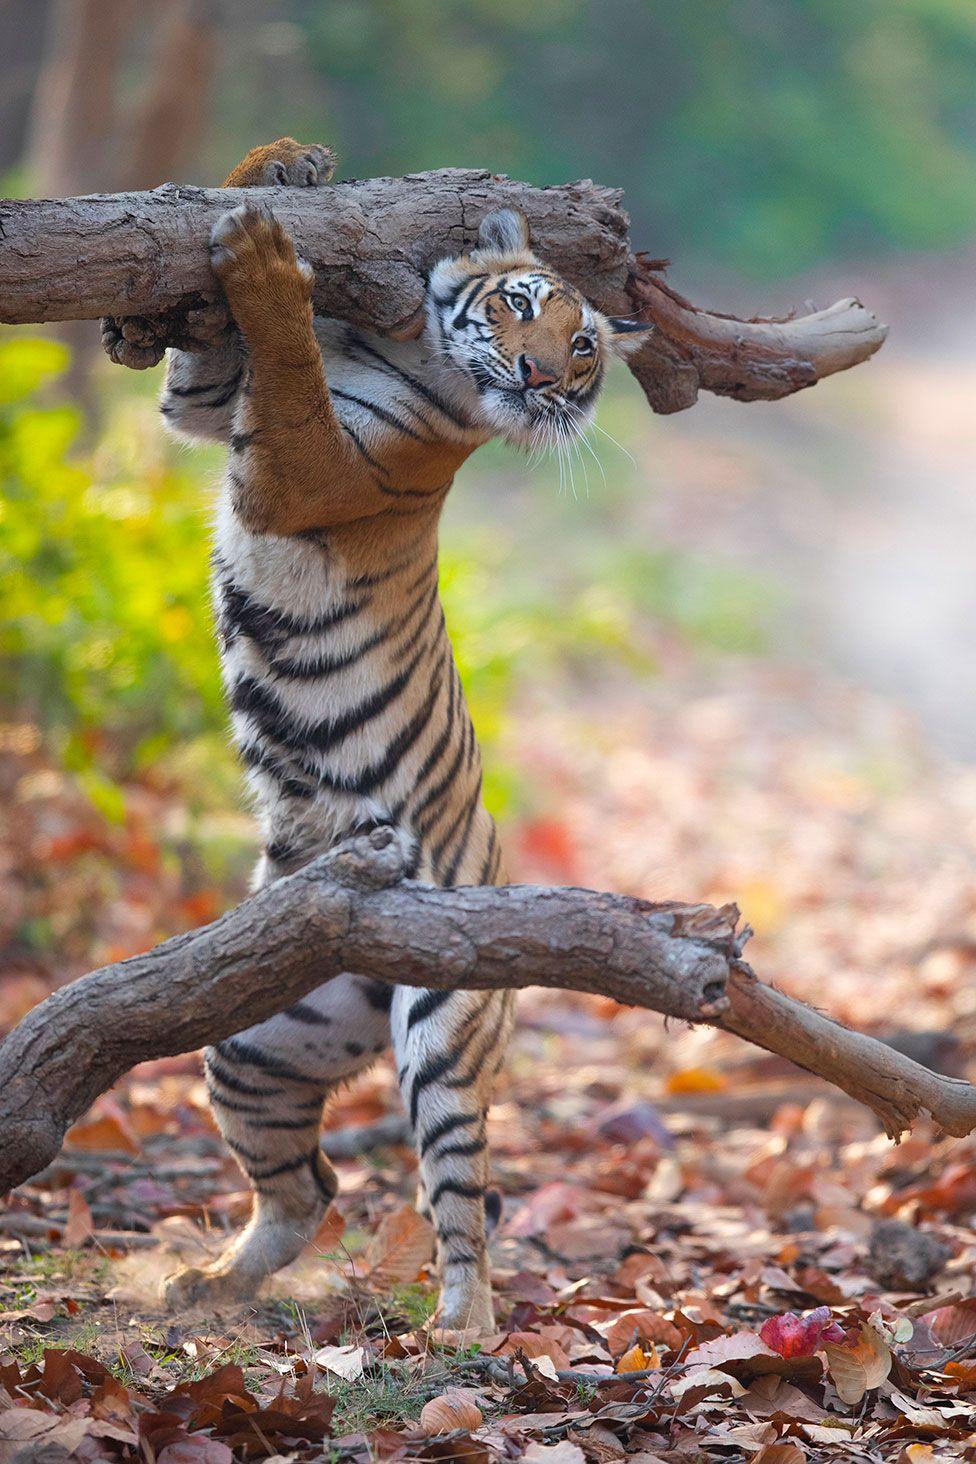 Σπάνια εικόνα με μια τίγρη να μοιάζει σαν να μεταφέρει ένα κορμό δέντρου. Κάποιοι που είδαν την φωτογραφία είπαν ότι θα χρησιμοποιήσει τον κορμό για να ενισχύσει τη φωτιά σε κάποιο… μπάρμπεκιου που έχει στήσει για να φάει ένα θήραμα της